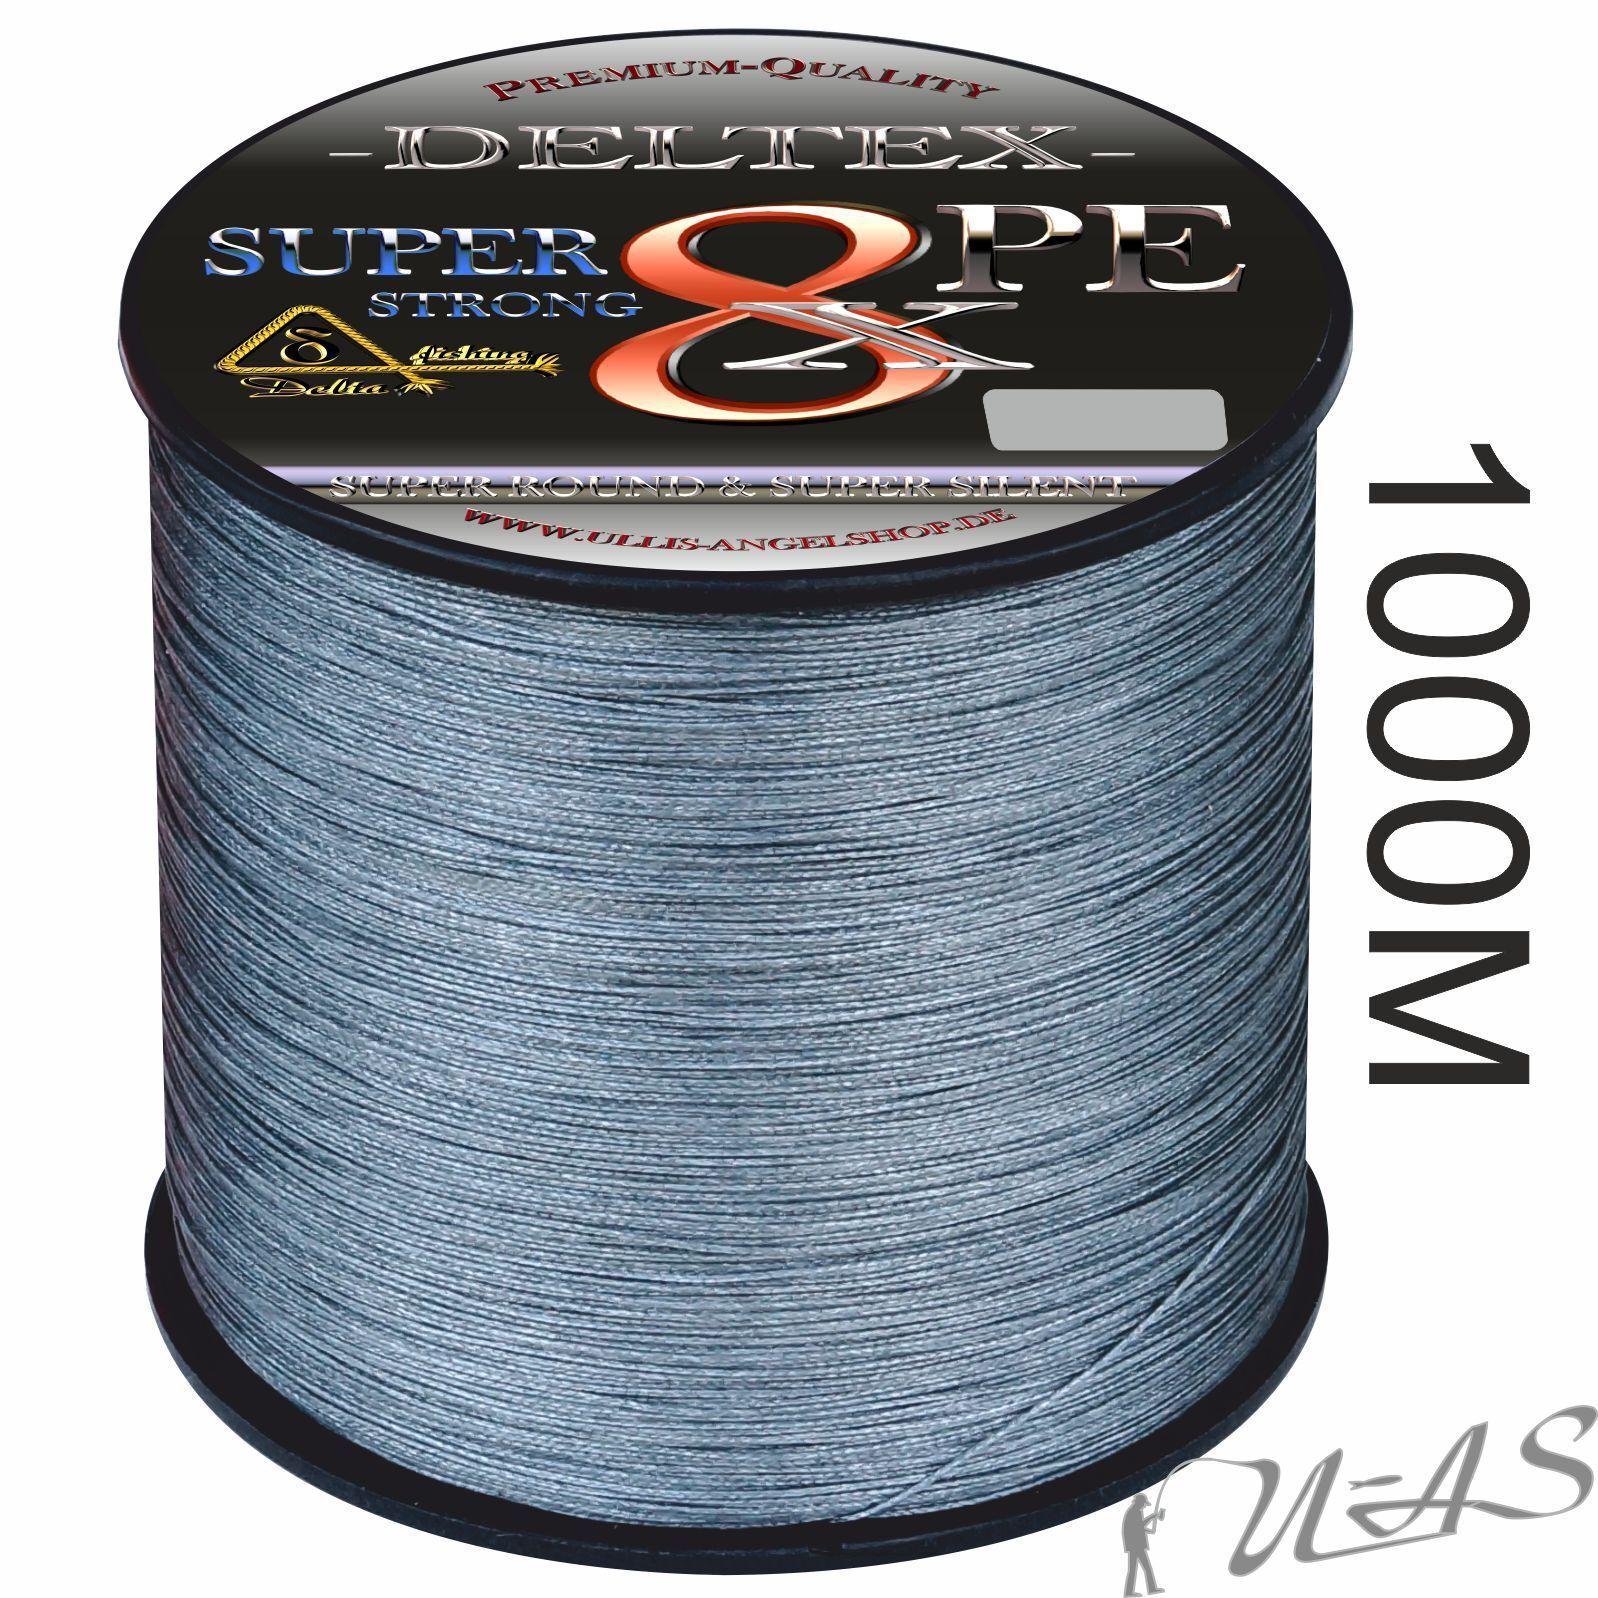 Deltex SUPER STRONG grigi 1000m 8 volte circa intrecciato lenza selezione SHA